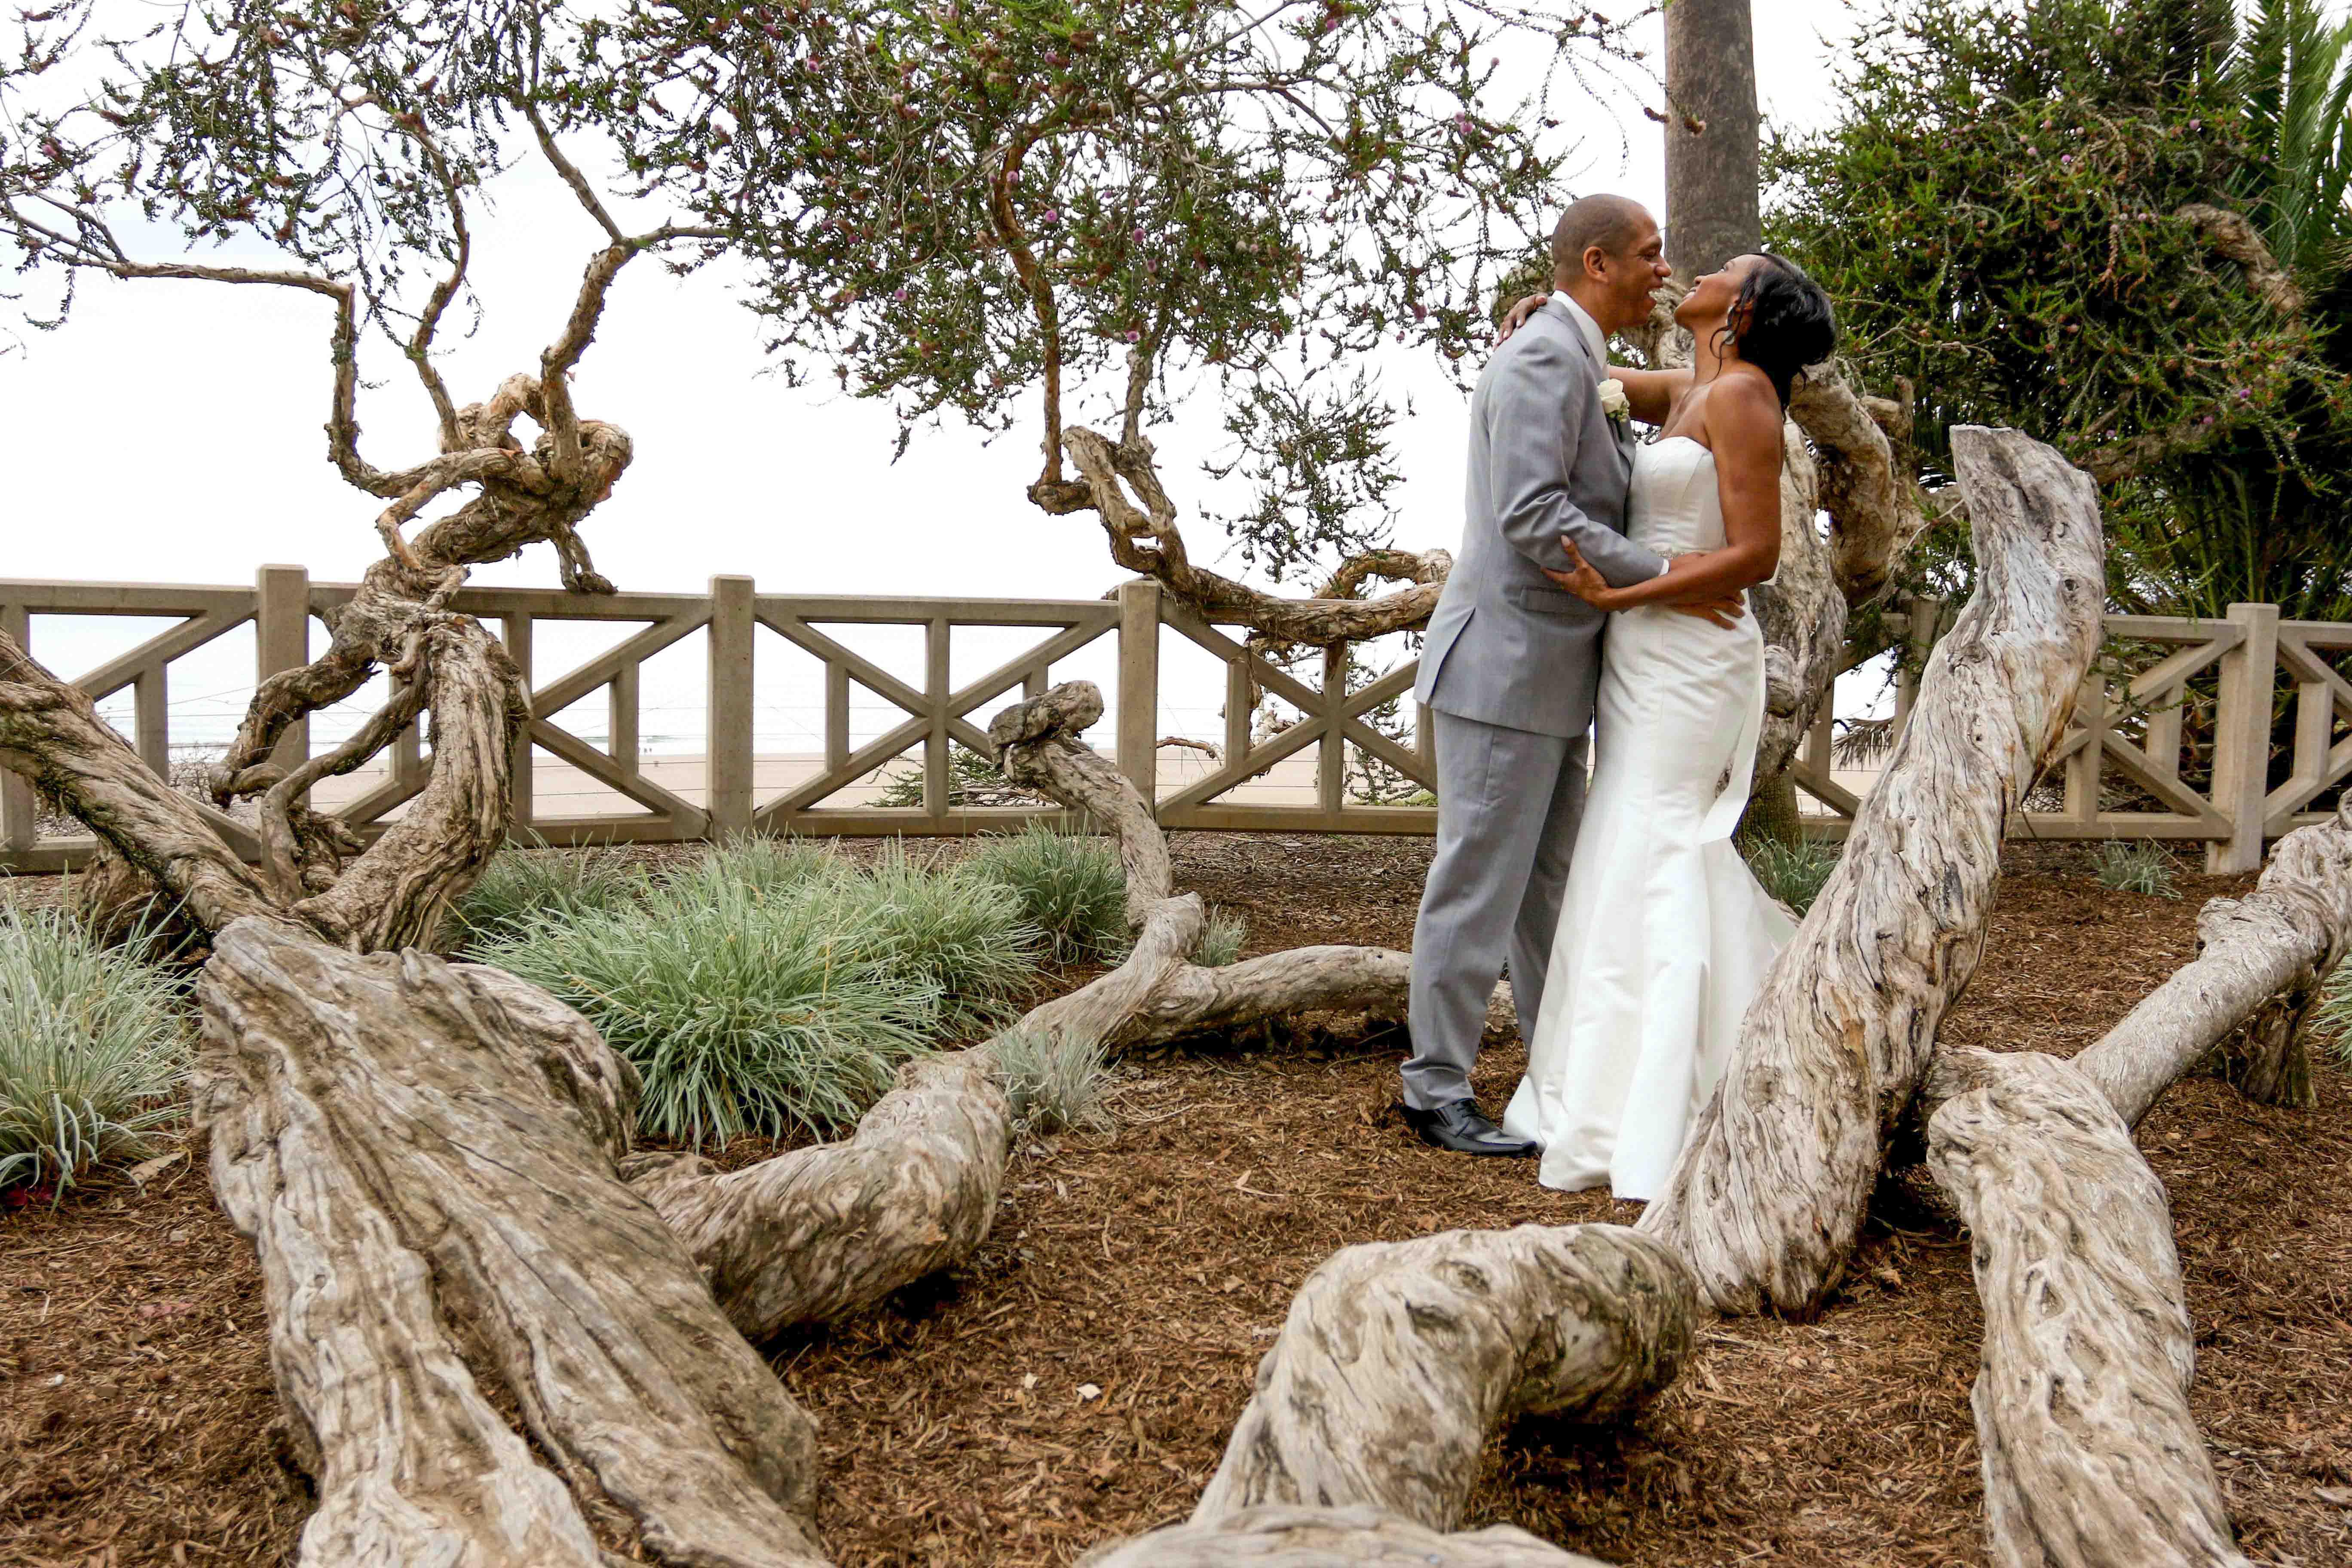 huntley santa monica wedding with bride and groom